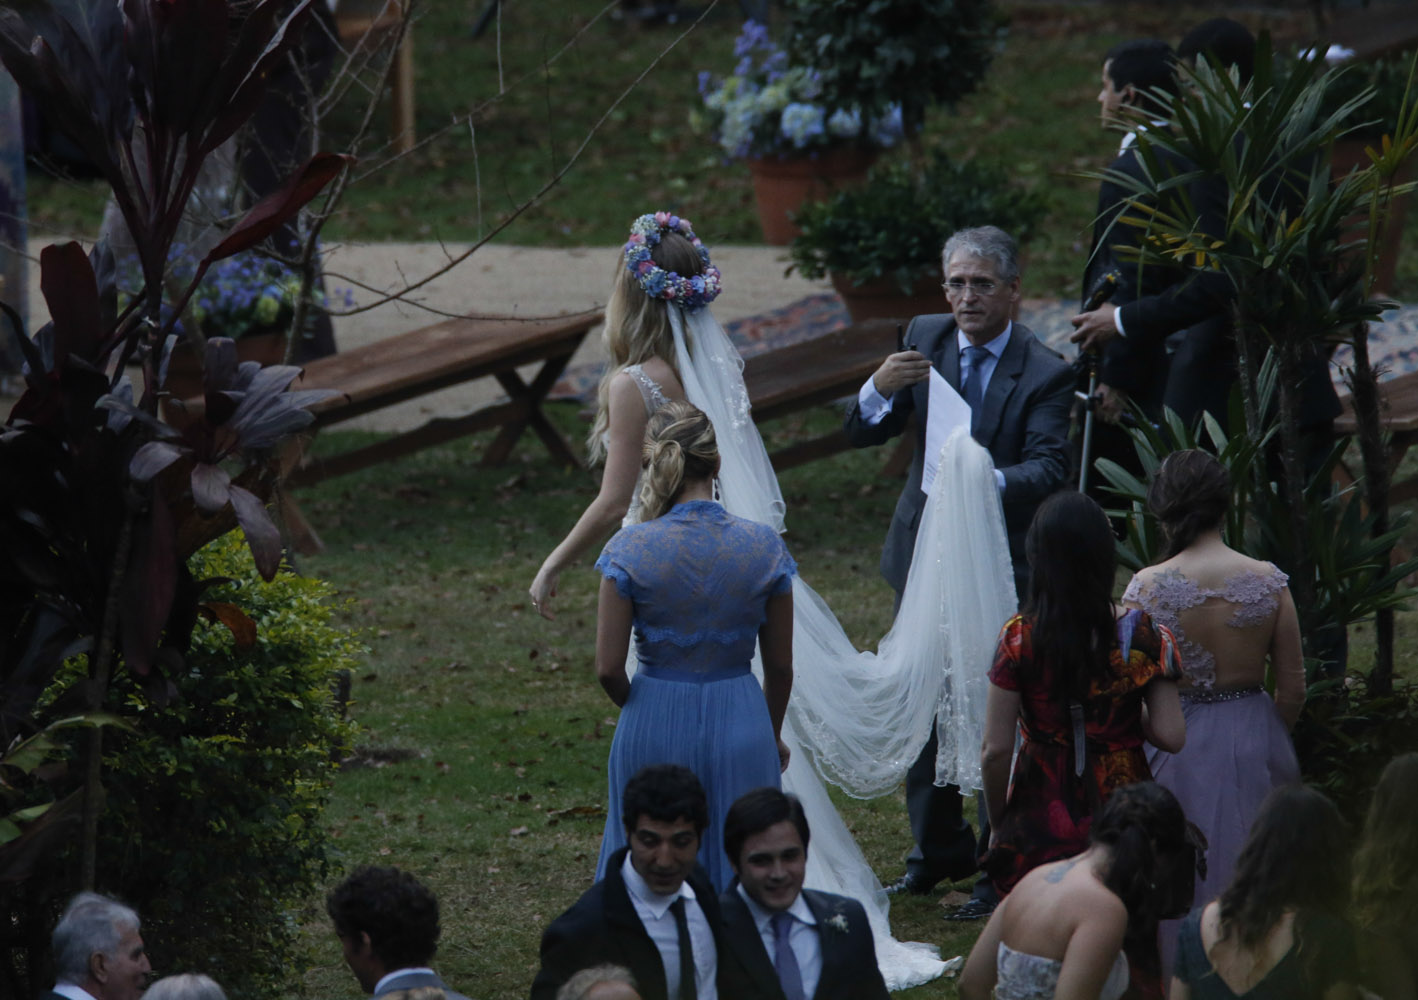 Fiorella Mattheis e Flávio Canto se casaram neste sábado, 20: A noiva caminha até o altar ao encontro do noivo